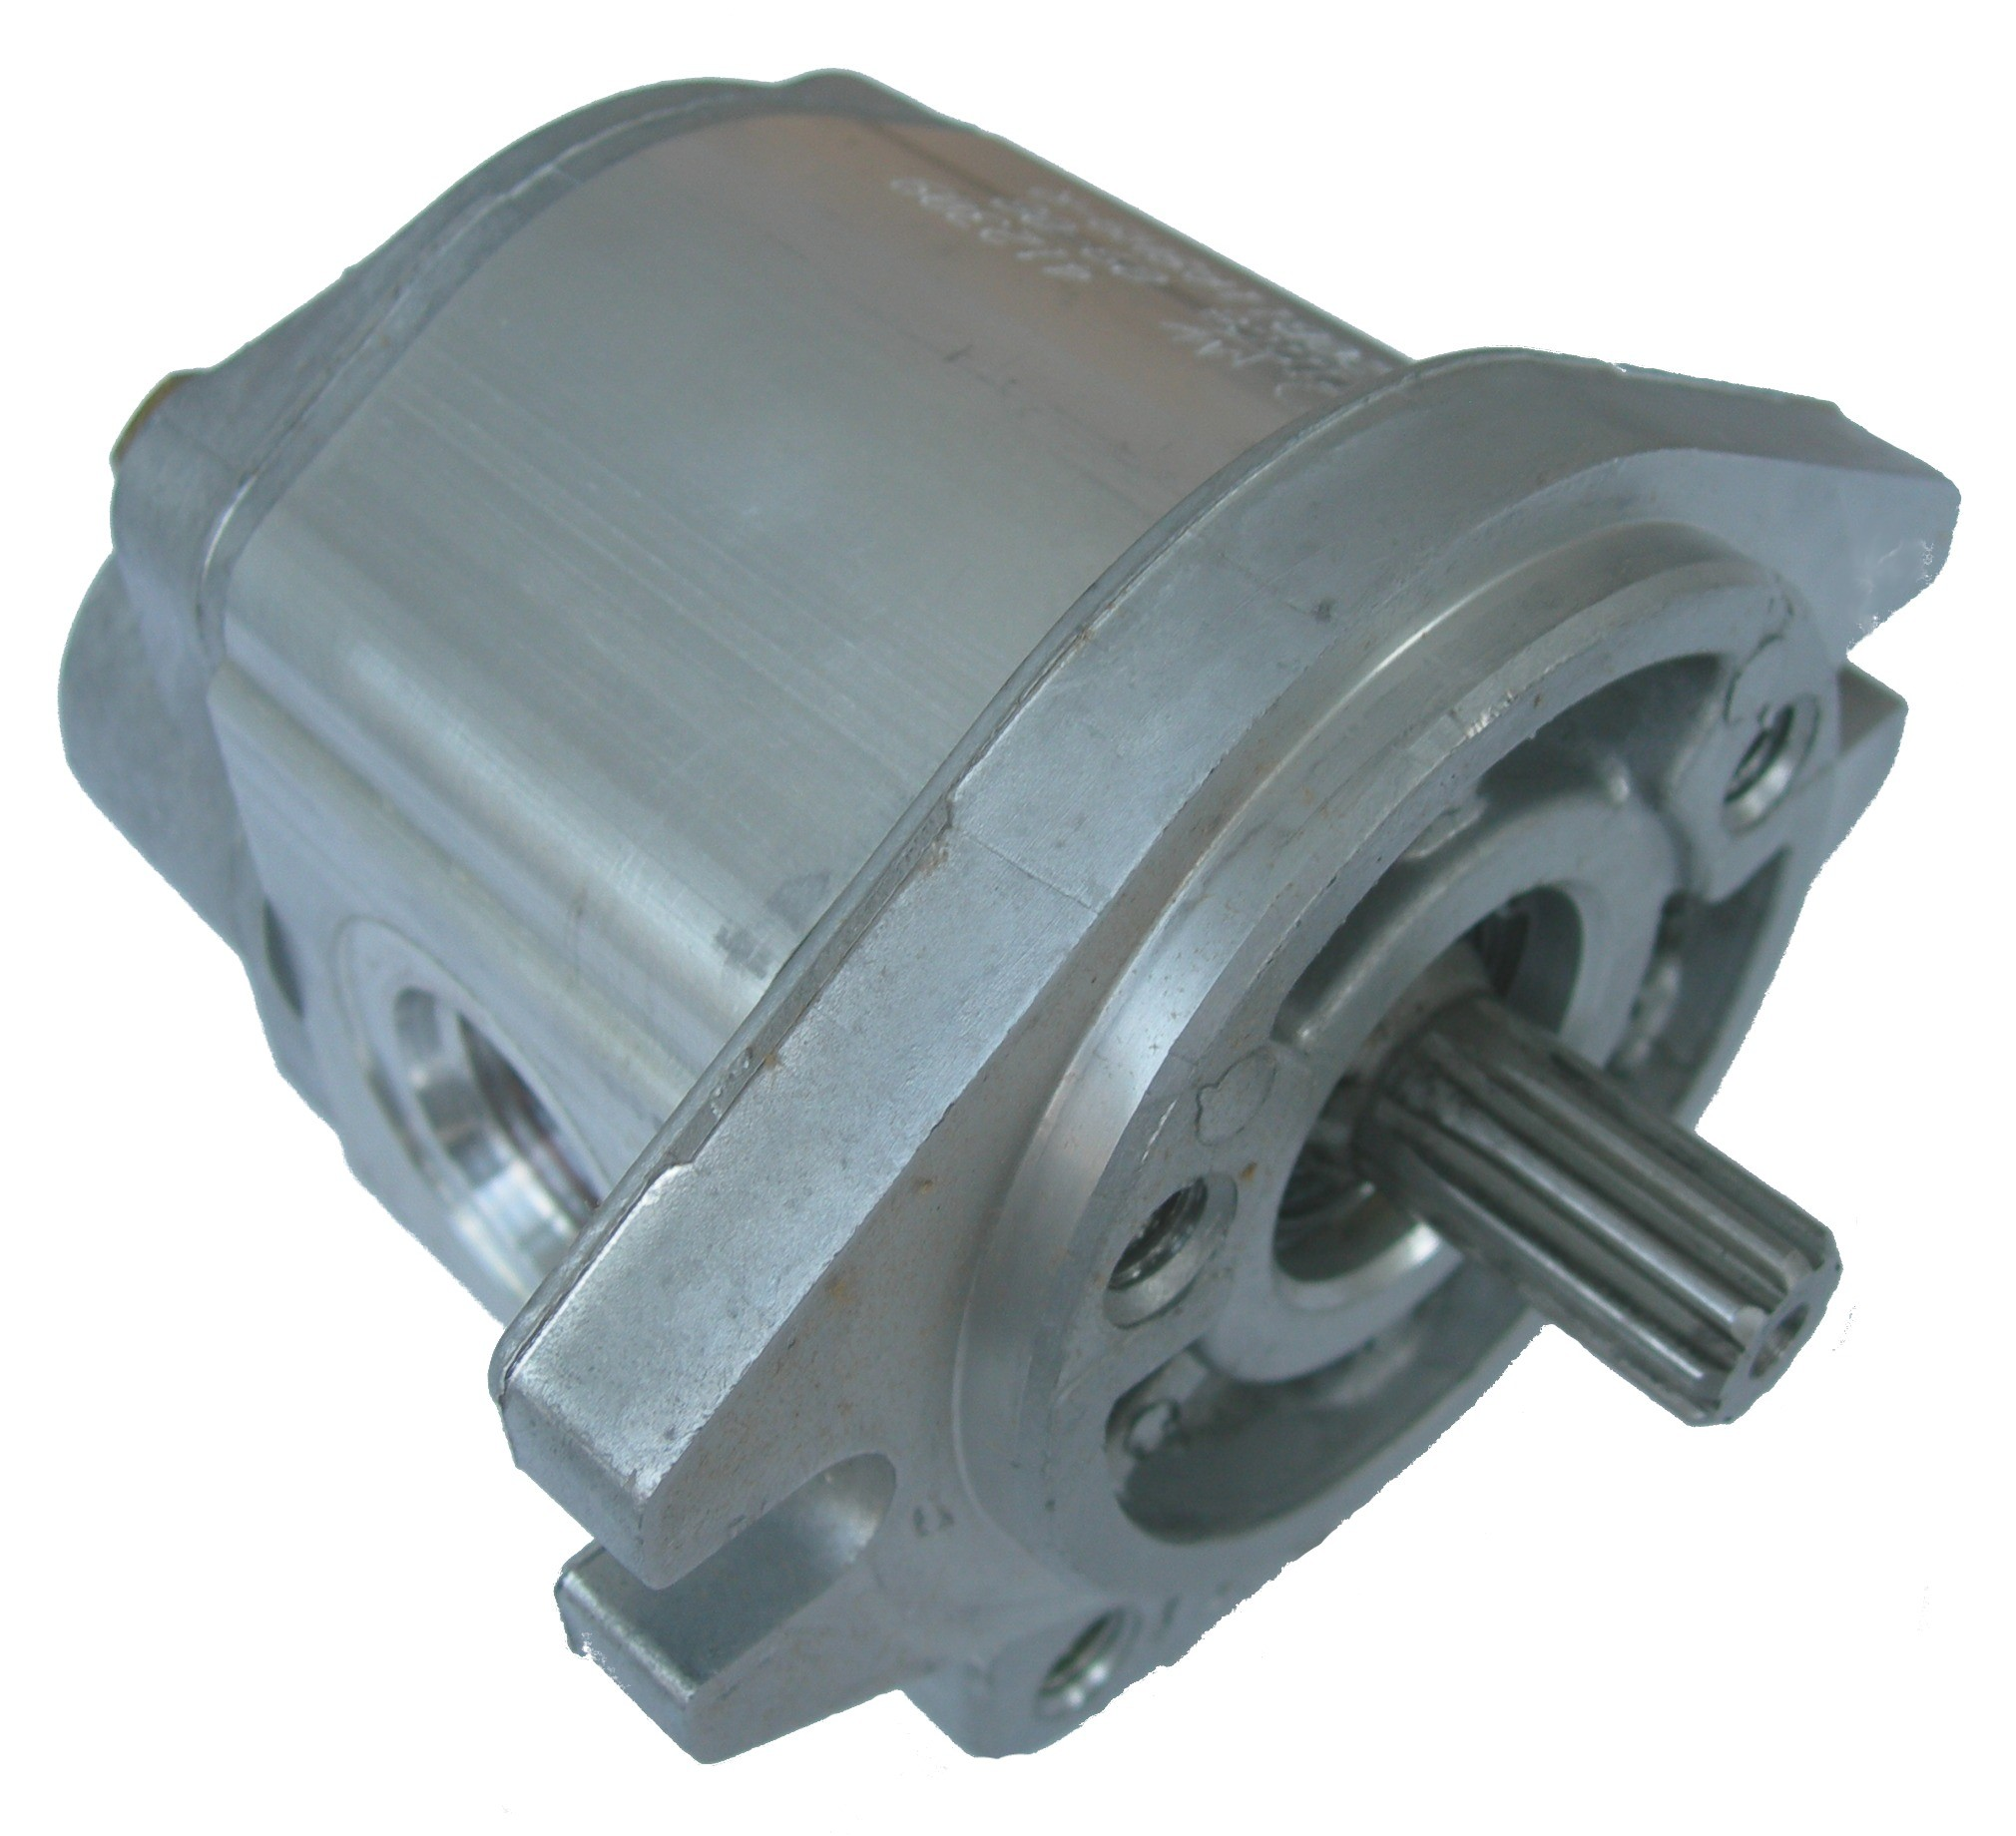 Hydraulic Gear Pump Design : Prince gear pump hydraulics pneumatics and power